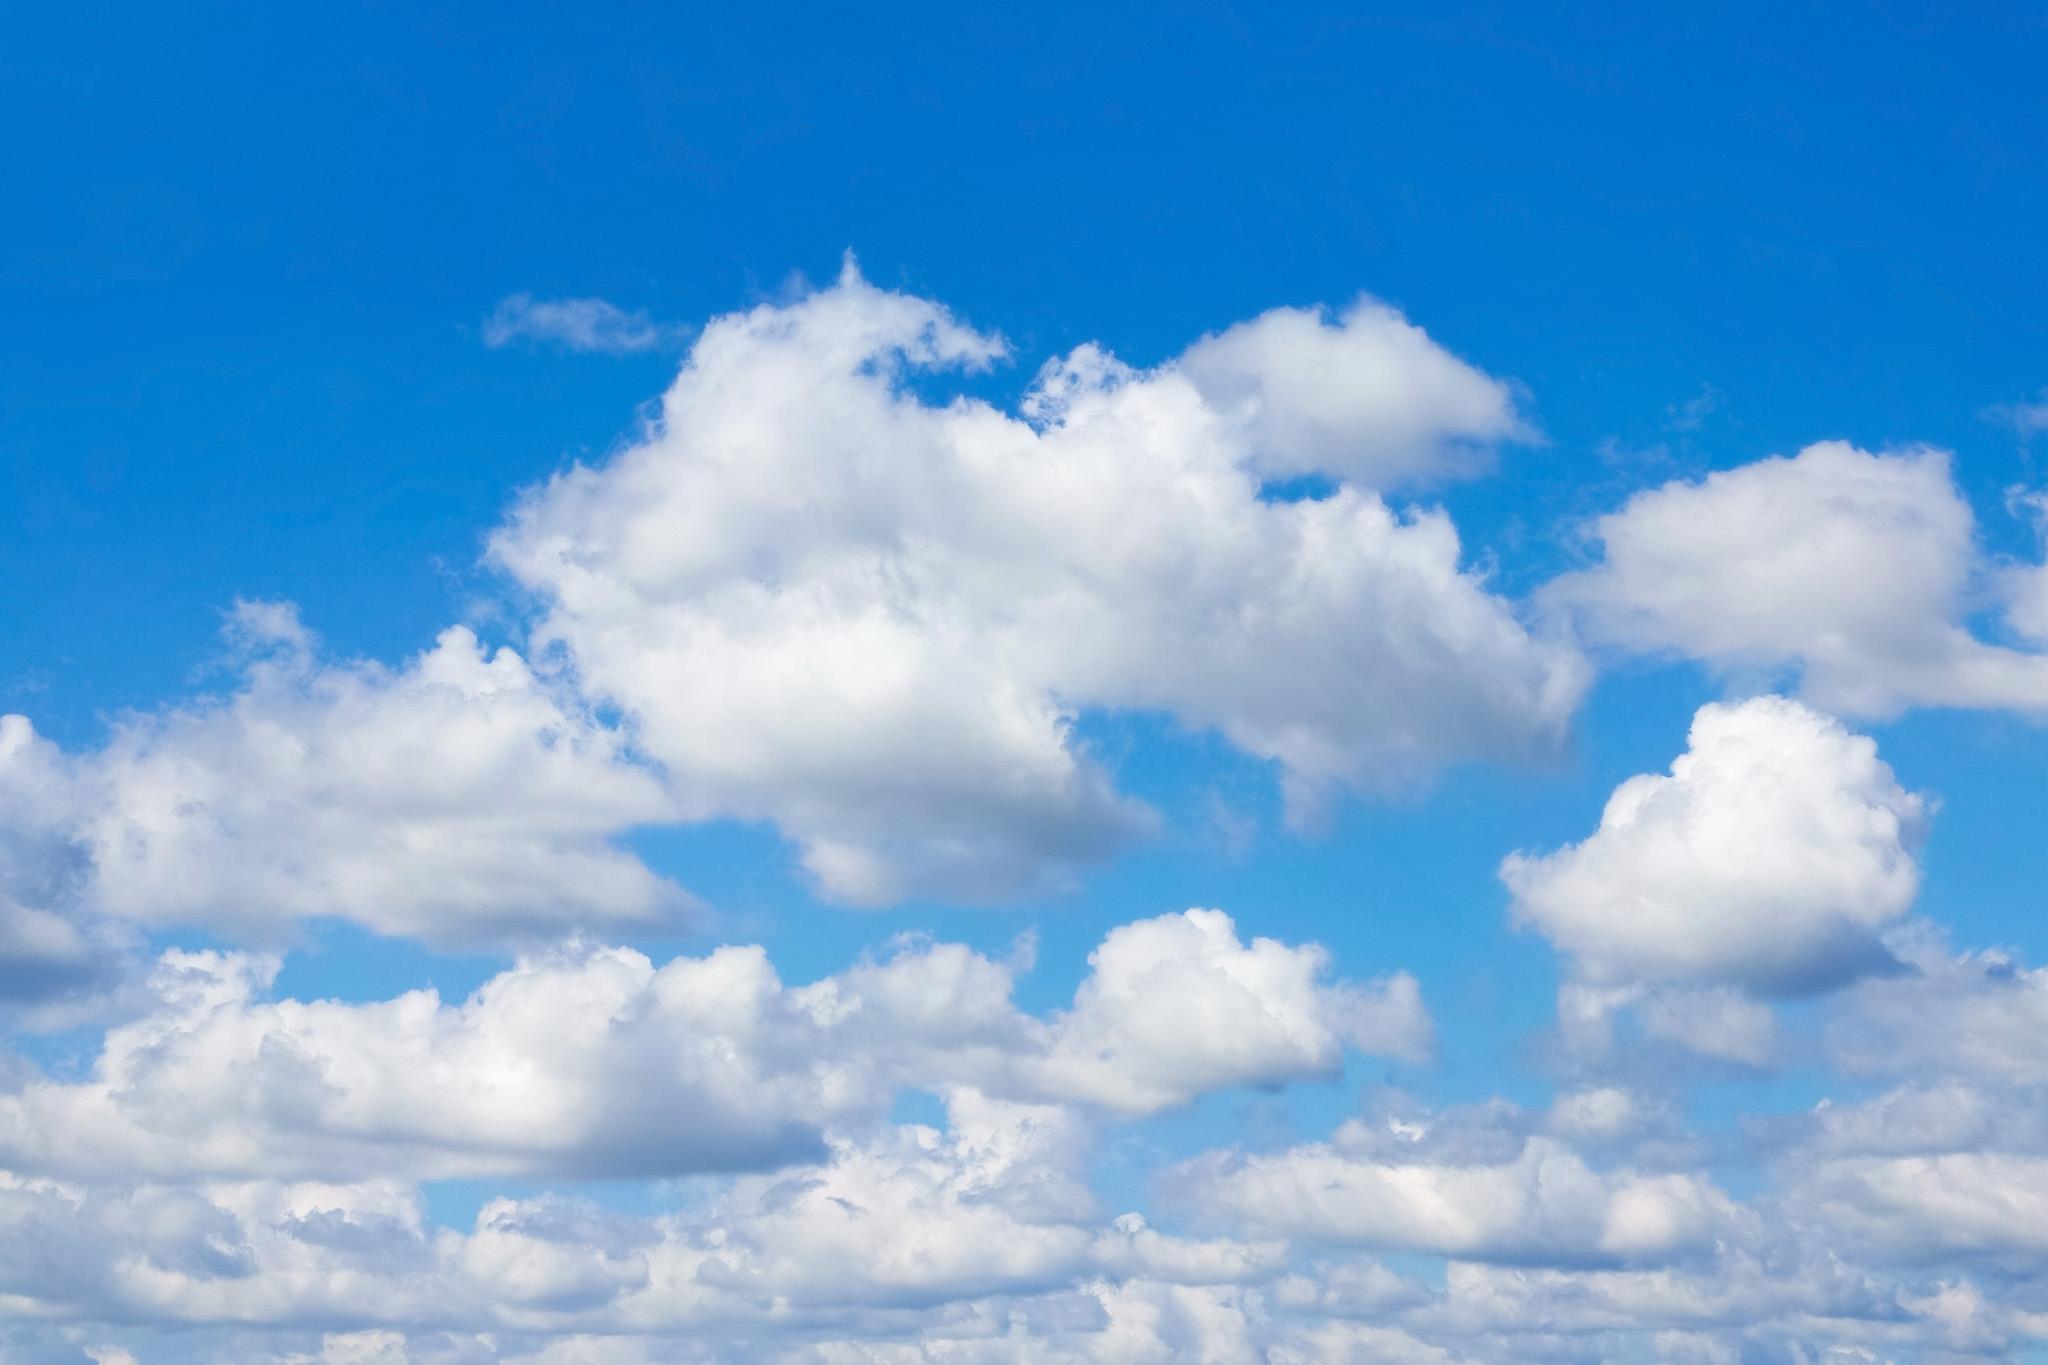 空の下に重なり合う沢山の雲